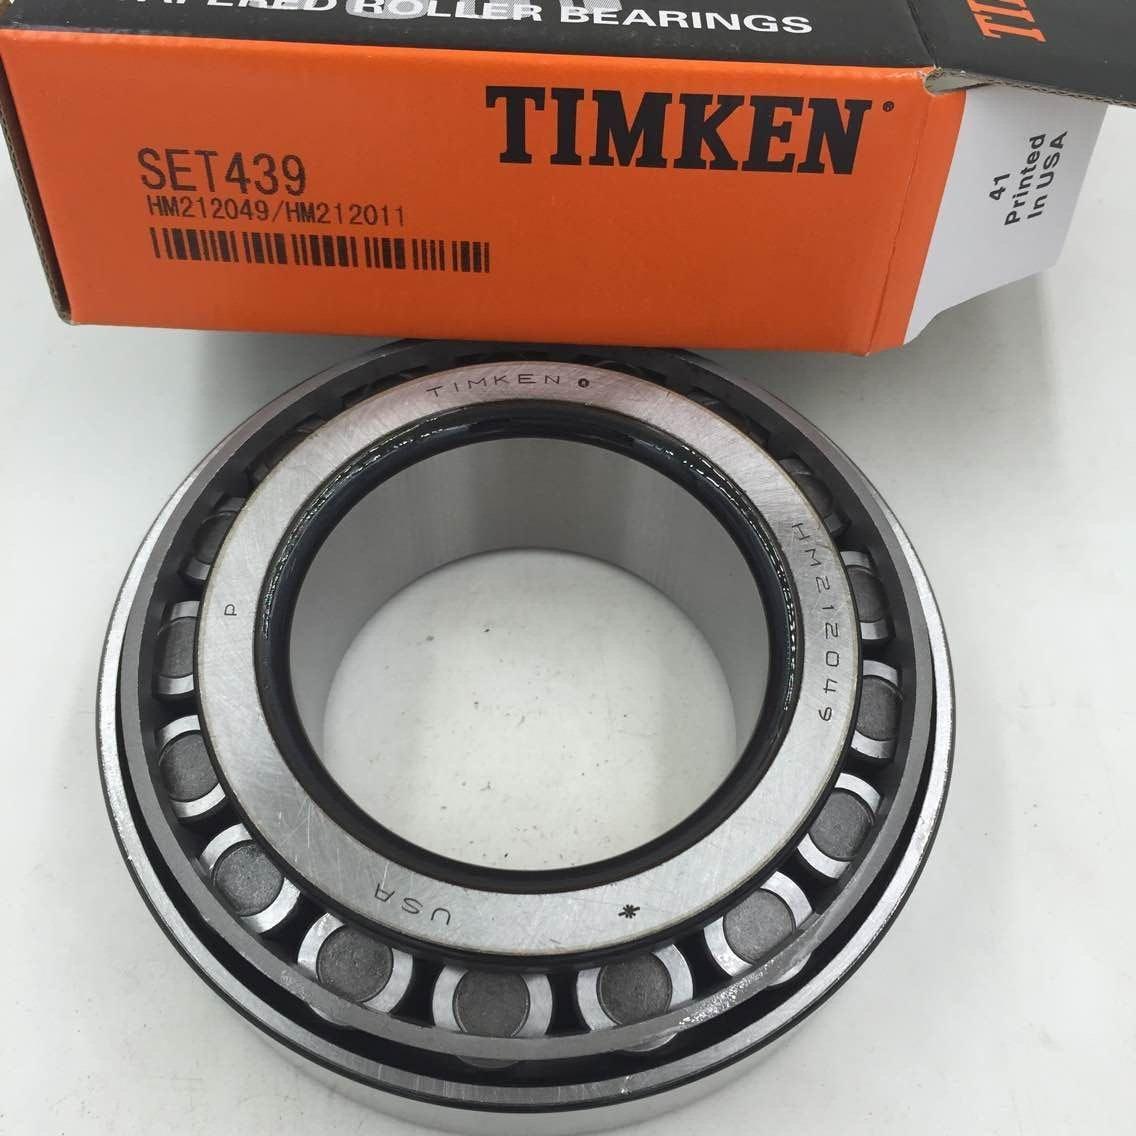 USA timken bearing SET439 663/653 Tapered Roller Bearings